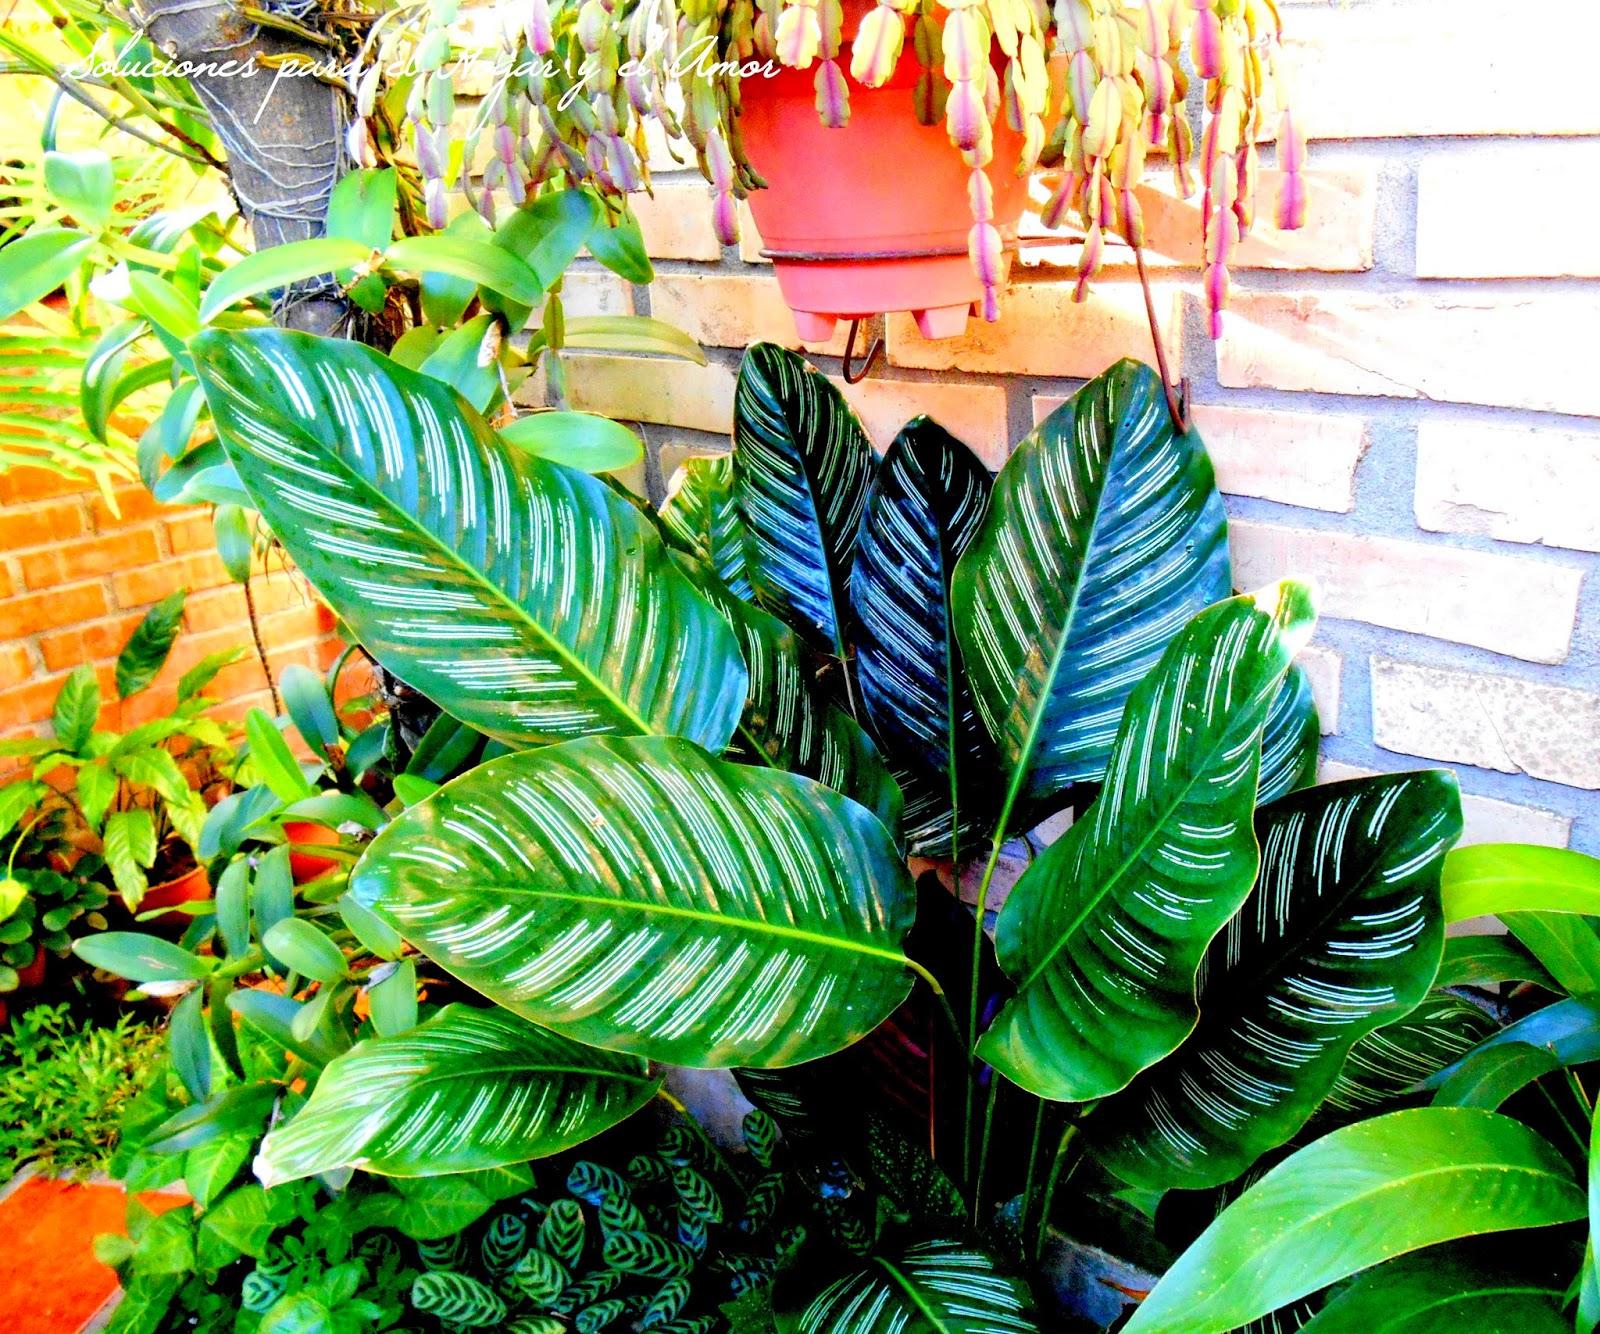 planta de hojas verdes con rayas, Calathea, jardín